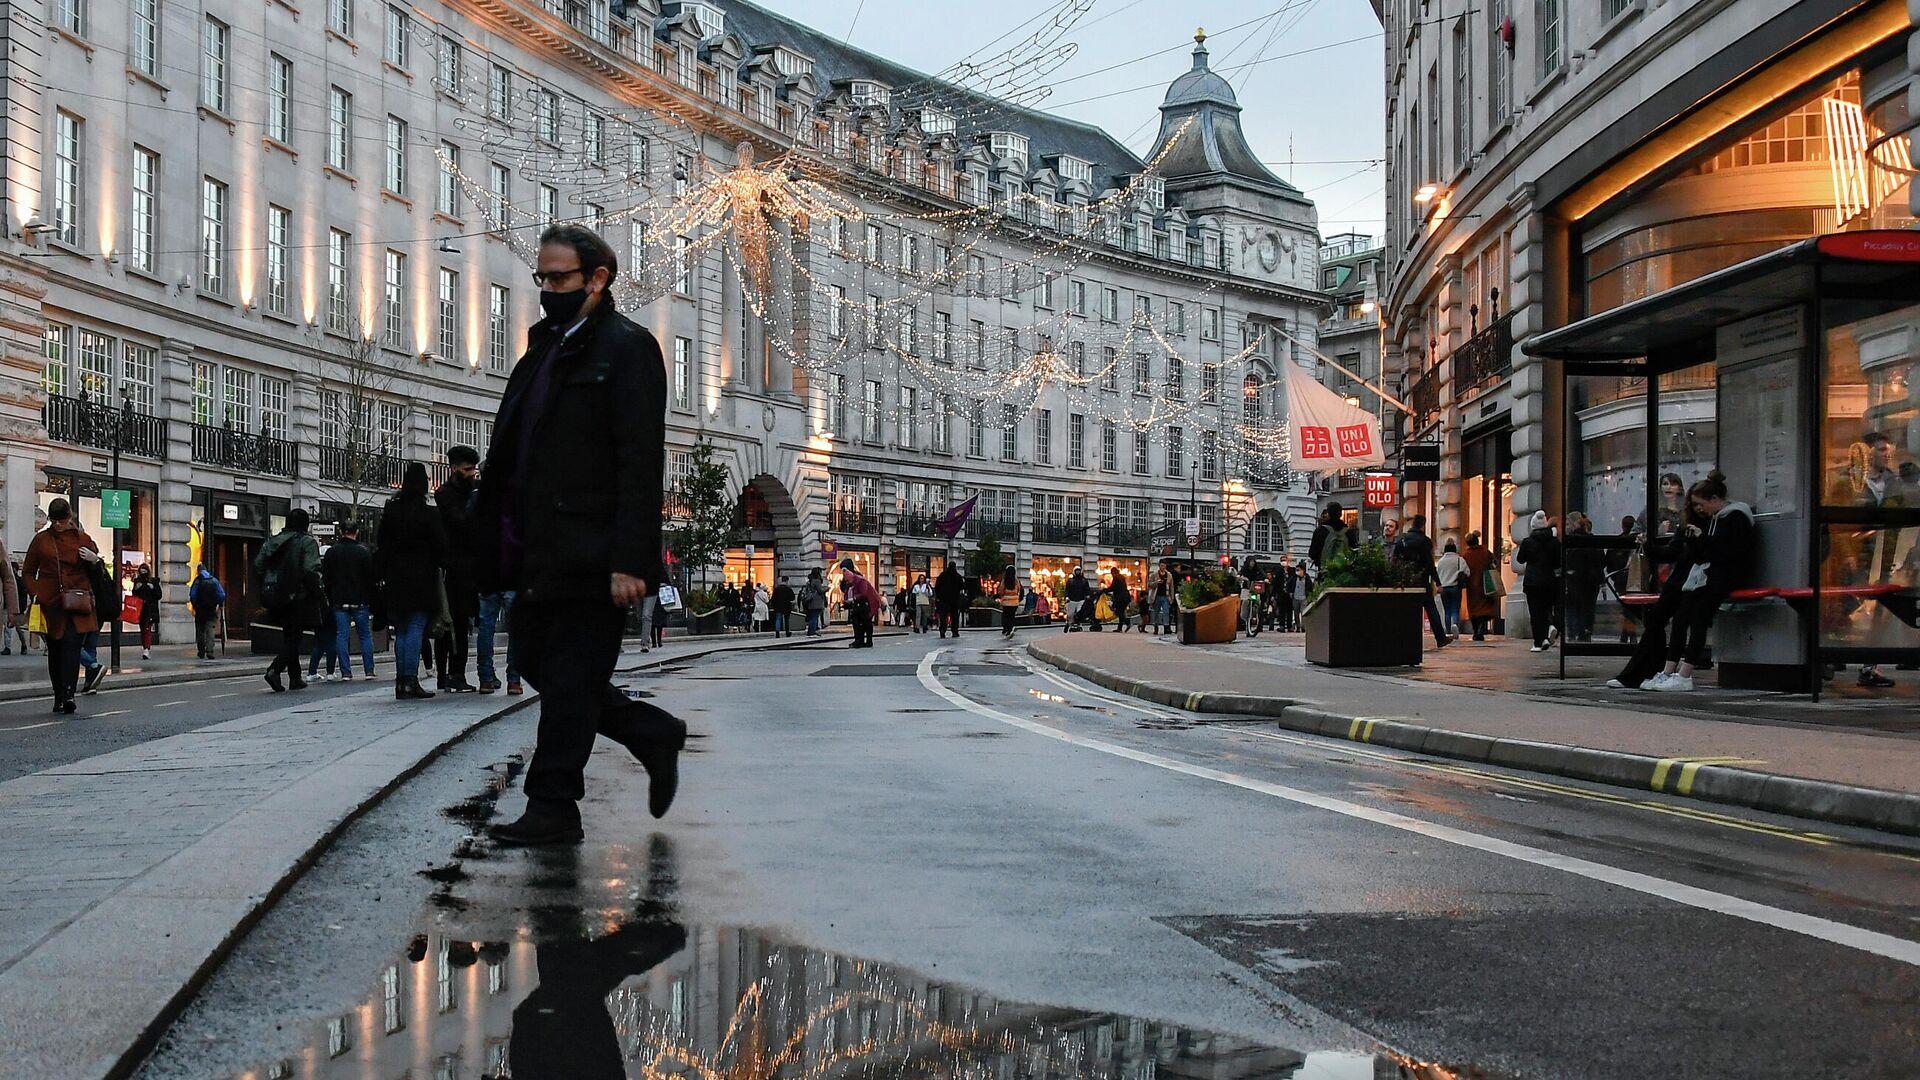 Люди на Риджент-стрит в Лондоне - РИА Новости, 1920, 23.12.2020